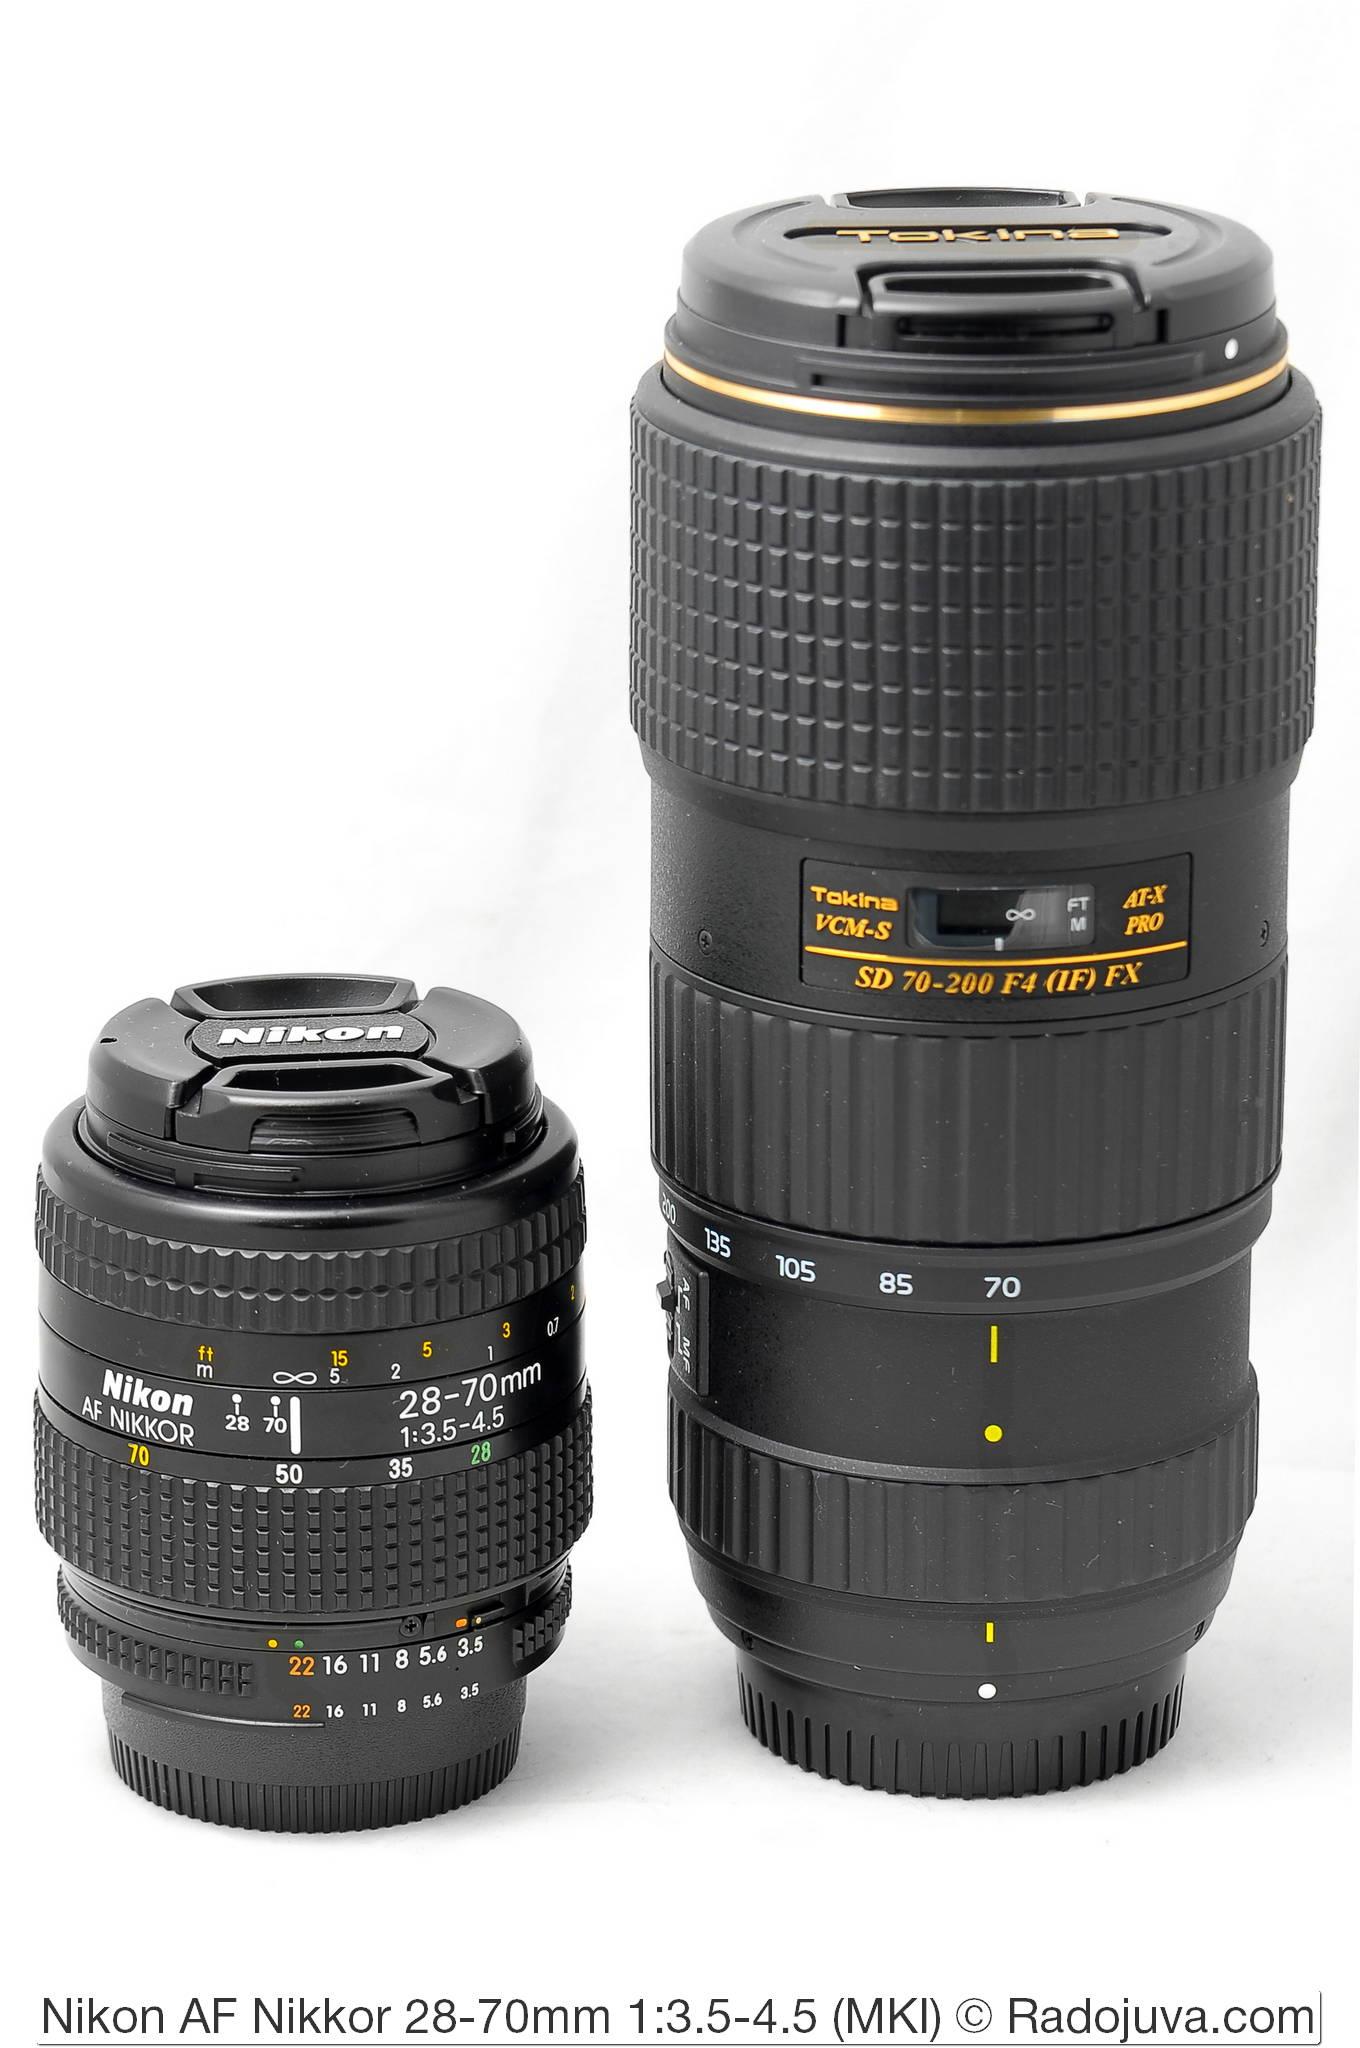 Объективы Nikon AF Nikkor 28-70mm 1:3.5-4.5 (MKI) и Tokina VCM-S AT-X PRO SD 70-200 F4 (IF) FX для набора фокусных расстояний 28-200 мм (набор юного фотографа)